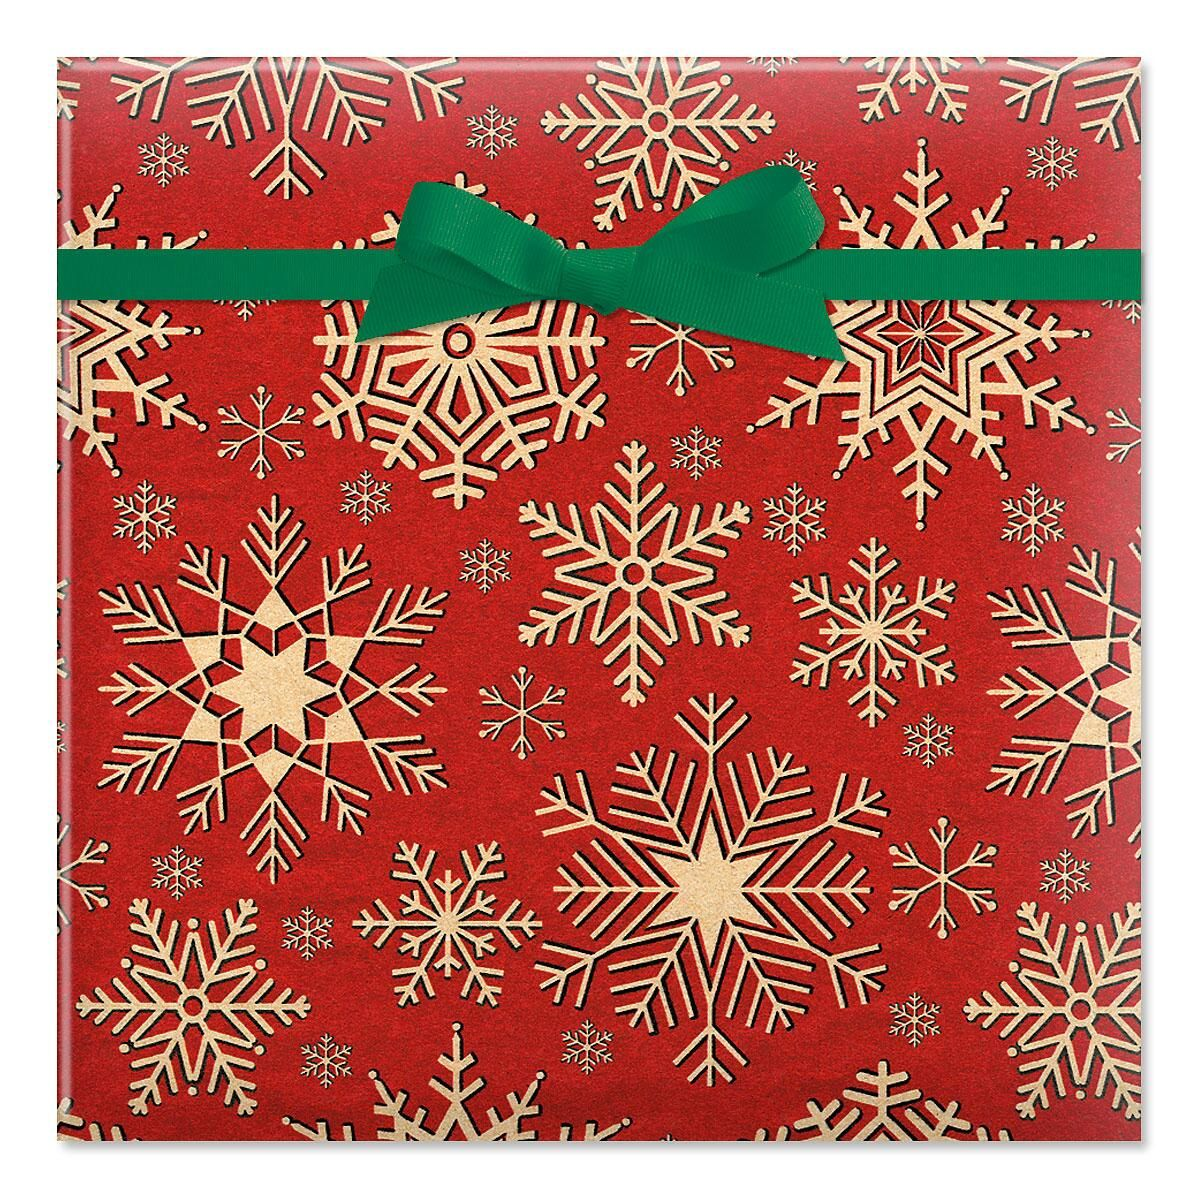 Woodcut Snowflake Jumbo Rolled Gift Wrap